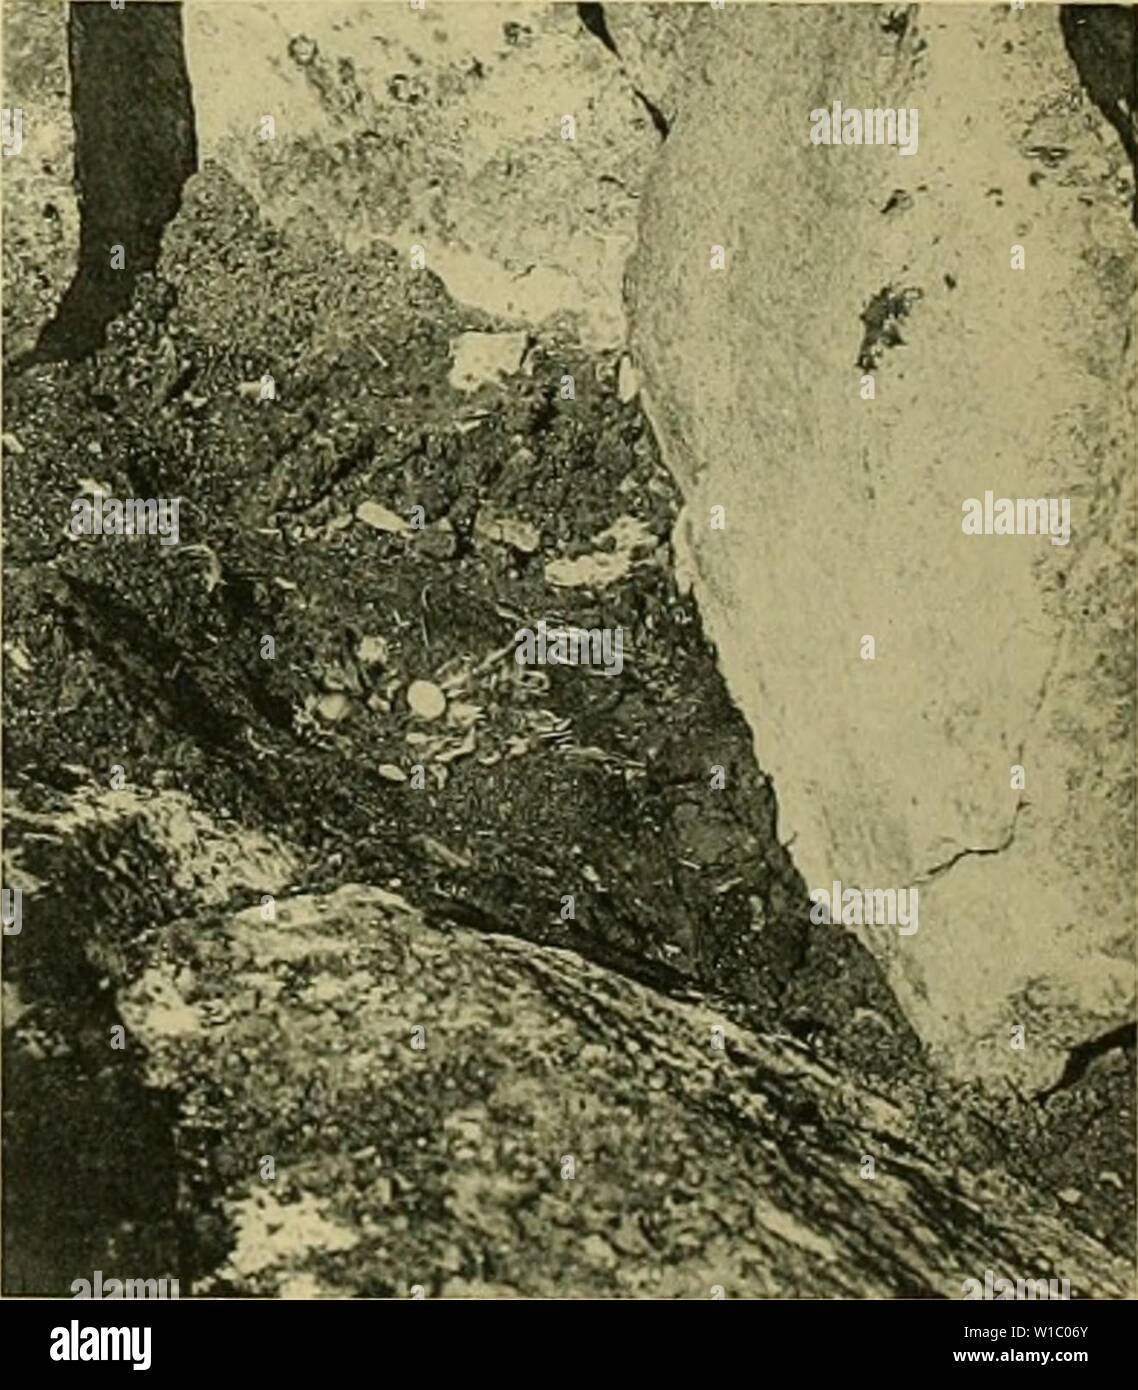 Archive image from page 482 of Deuxième expédition antarctique francaise (1908-1910). Deuxième expÃdition antarctique francaise (1908-1910) . deuximeexpdin1914fran Year: 1914  Fig. 03 Fig. 51, 52 : L. dominicanus. â Fig. 53 : Vol de M. Maccormicki. Masson & Cie, Editeurs    Fig. 5G Fig. 54 à 56 : Nids de Oceanites ocÃaniens. ClichÃs L. Gain - Stock Image